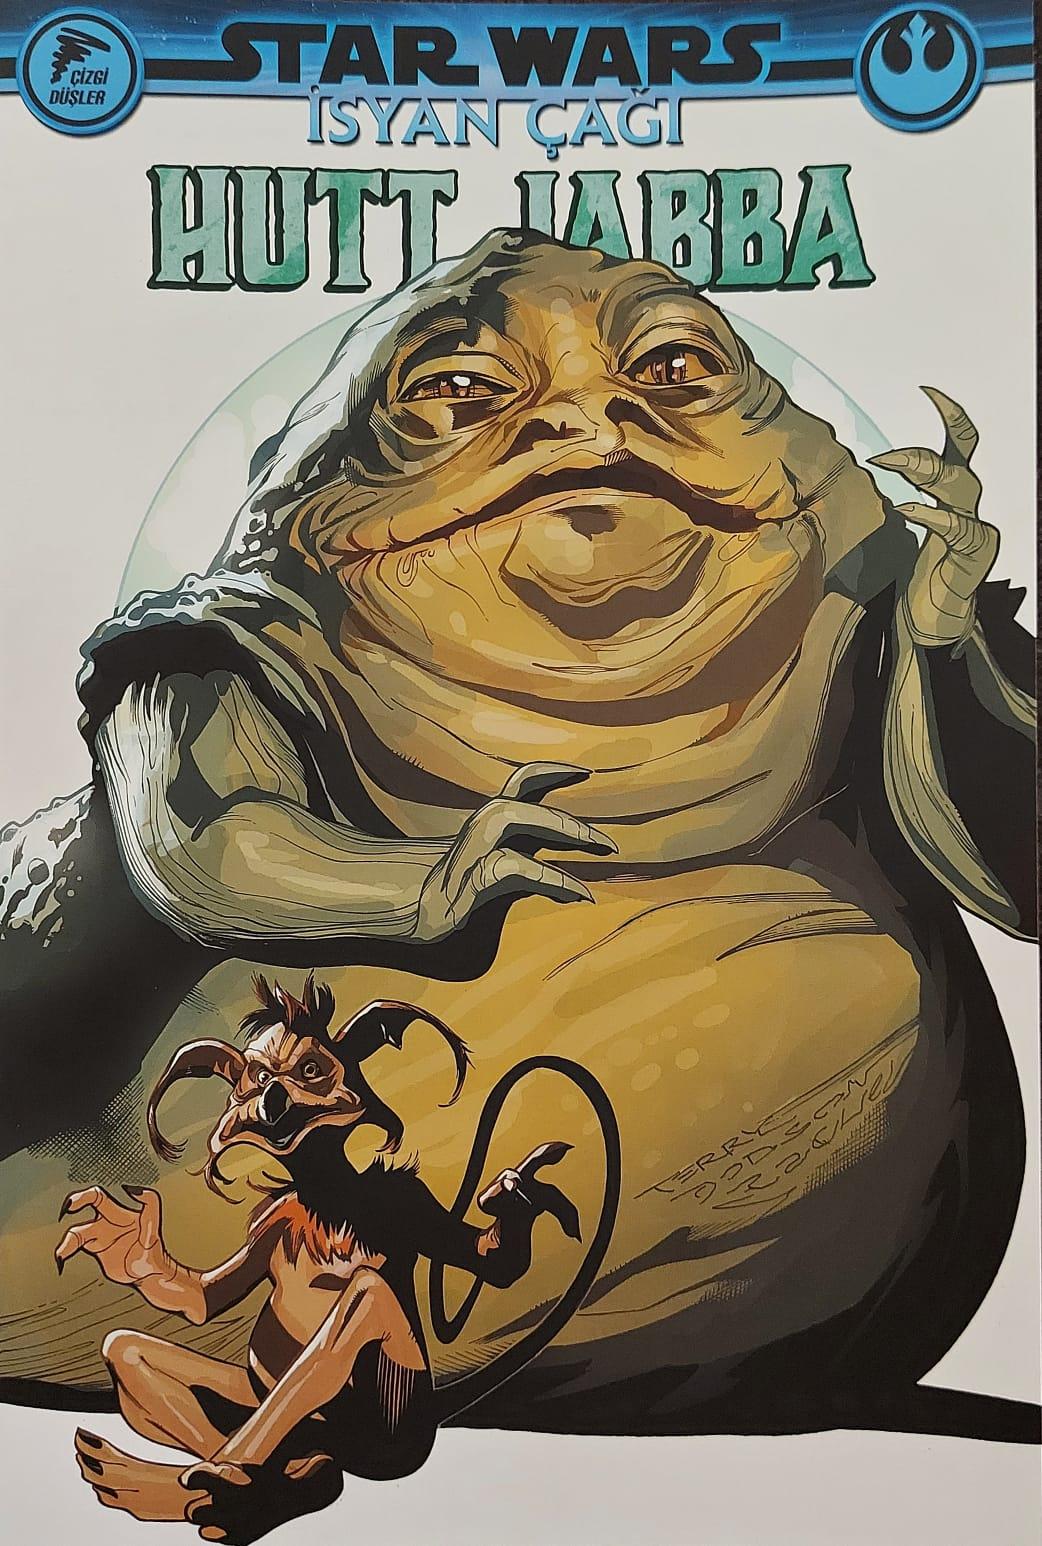 Star Wars İsyan Çağı - Hutt Jabba